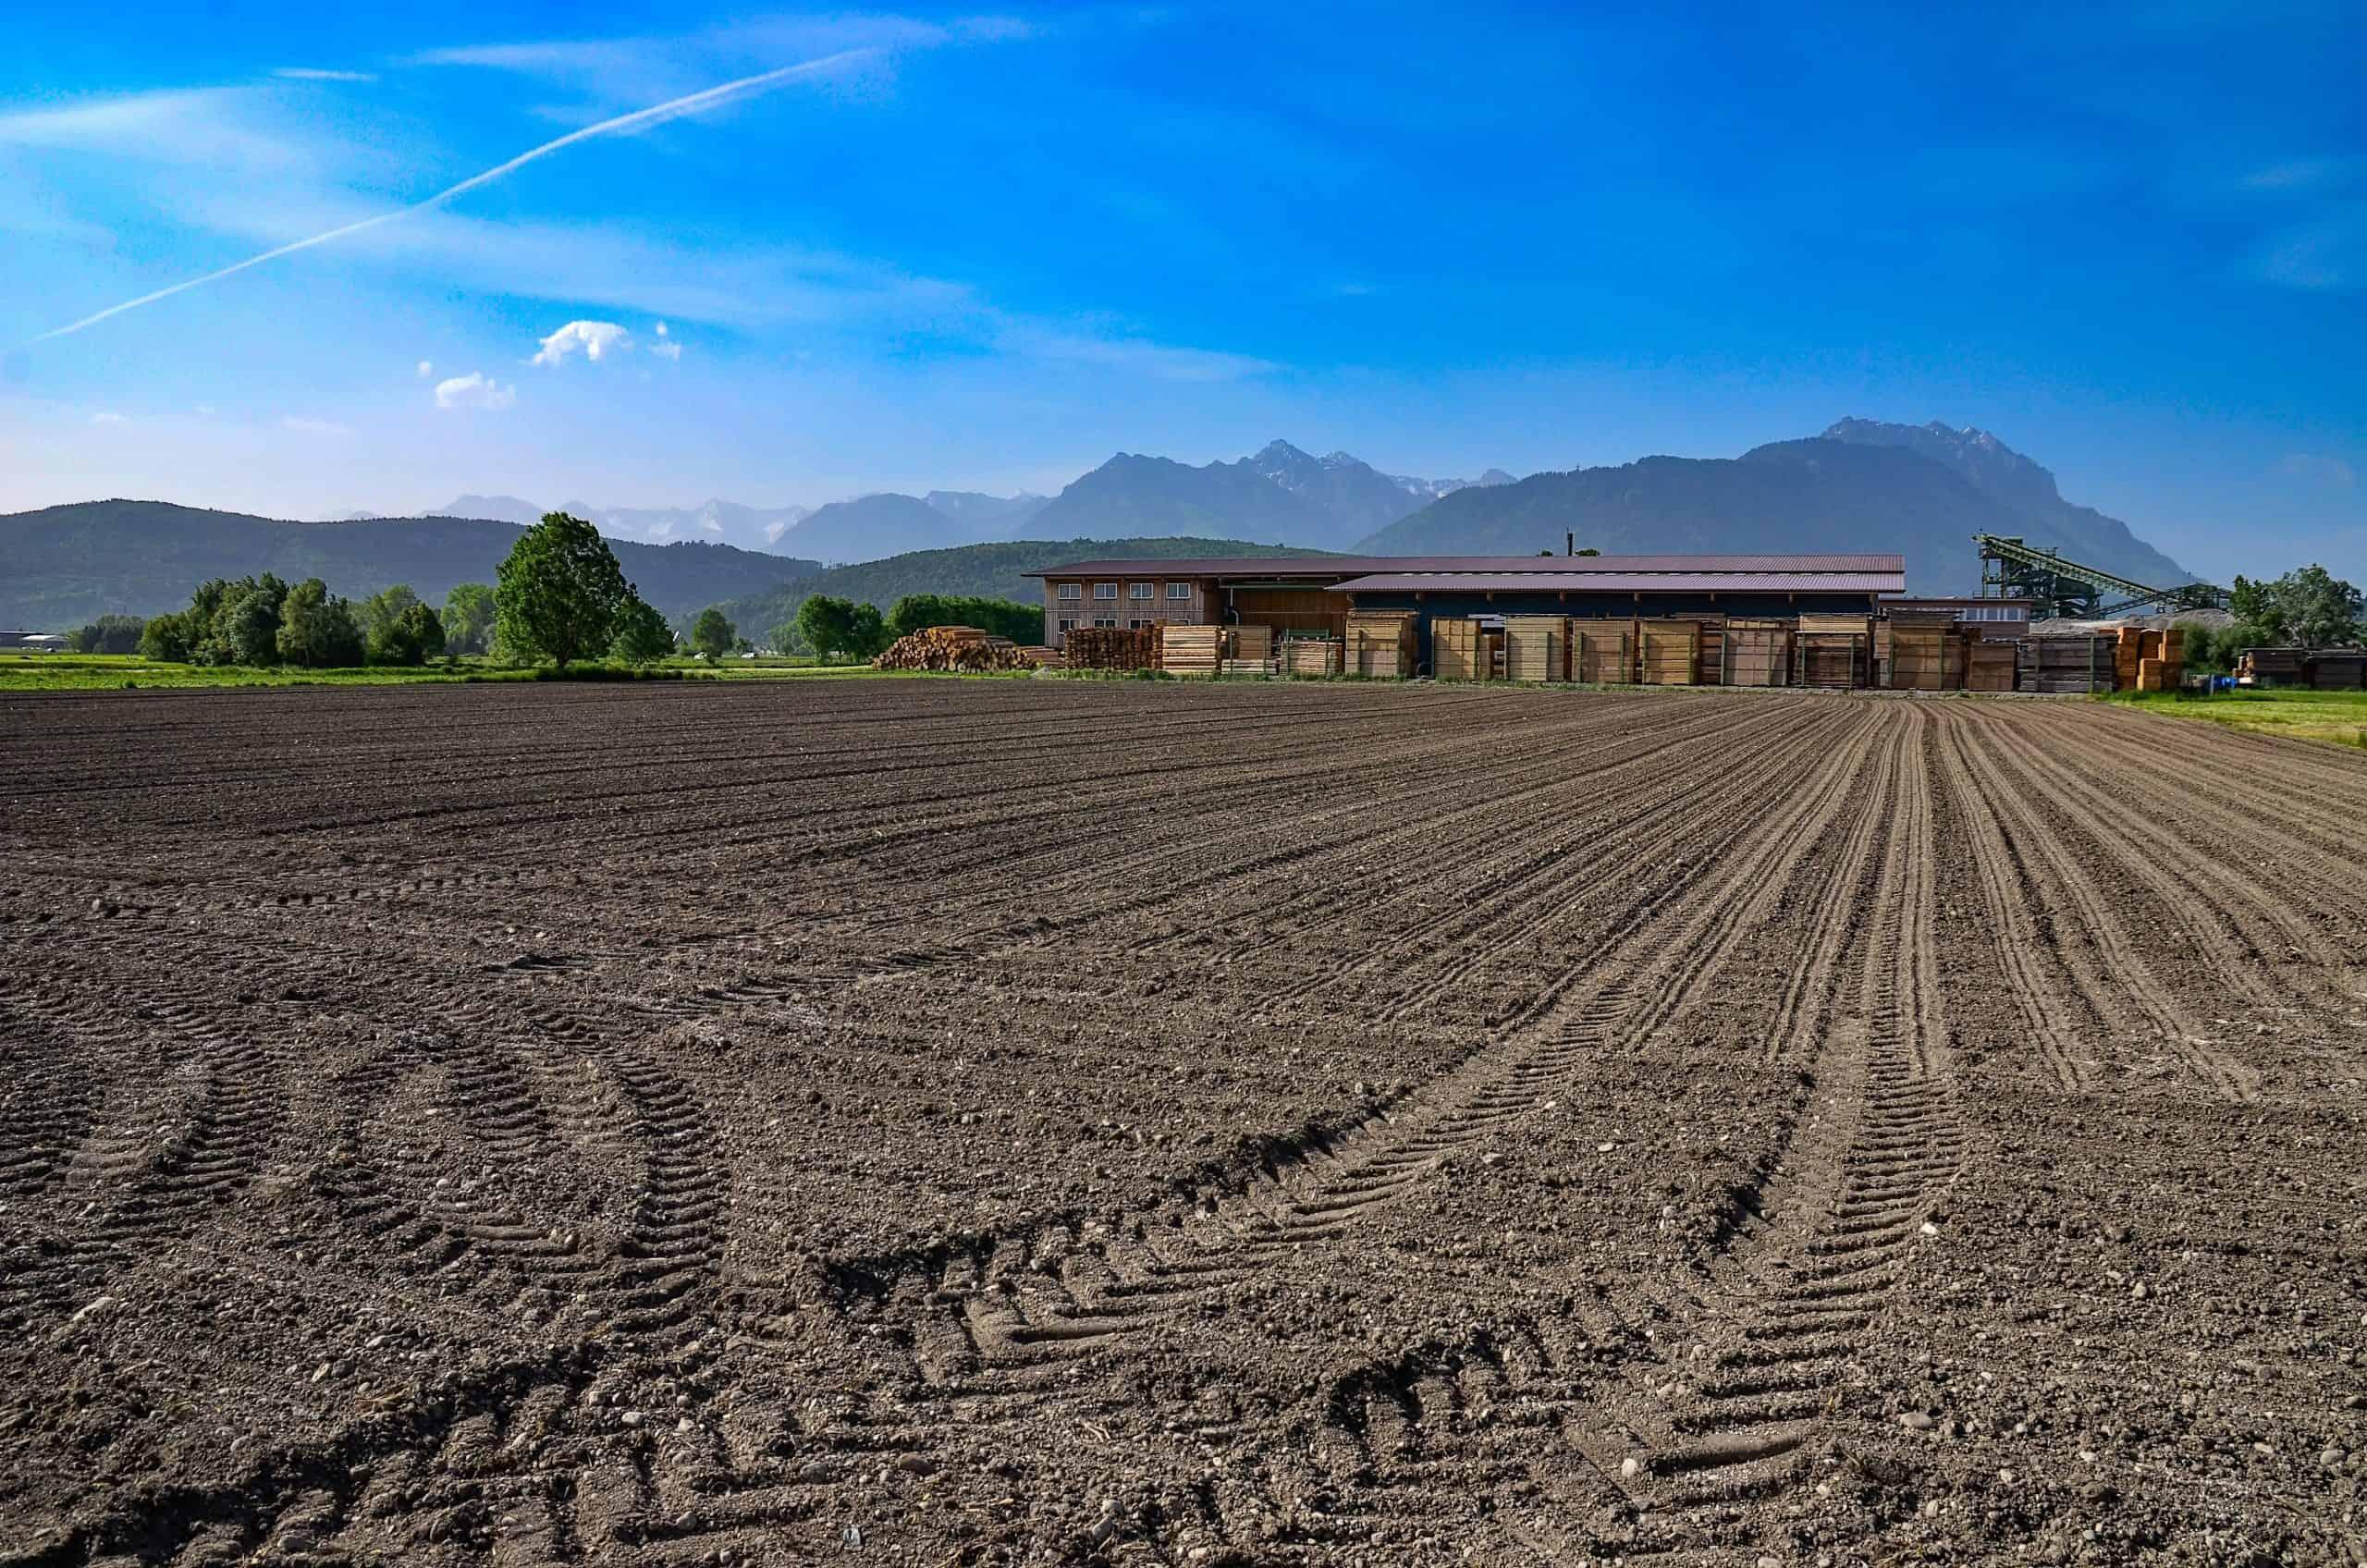 Diese 3 Immobilieninvestoren sind an Bauerwartungsland interessiert